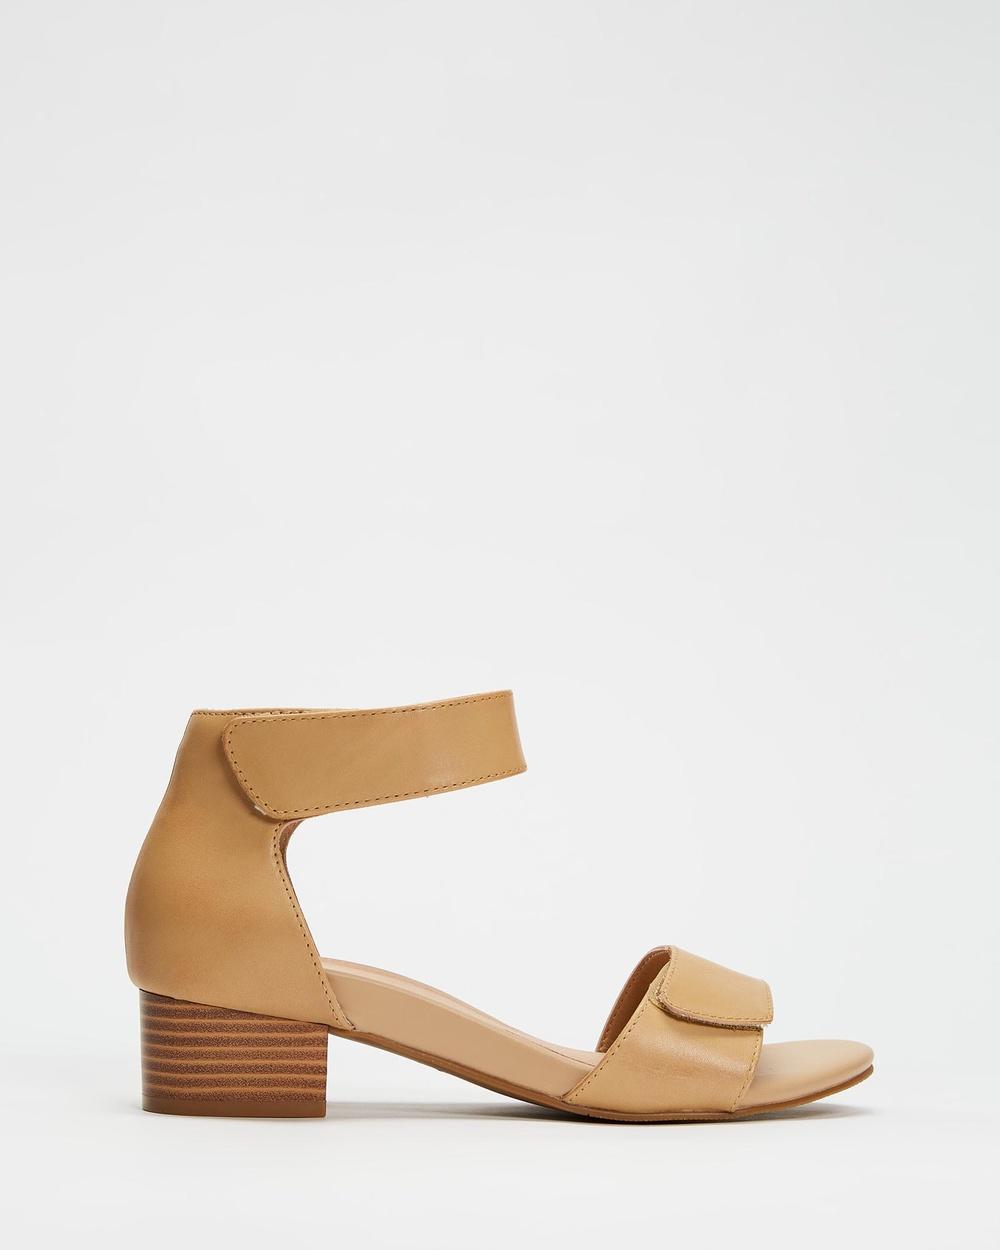 Mia Vita Kim Dress Heels Sandals Beige